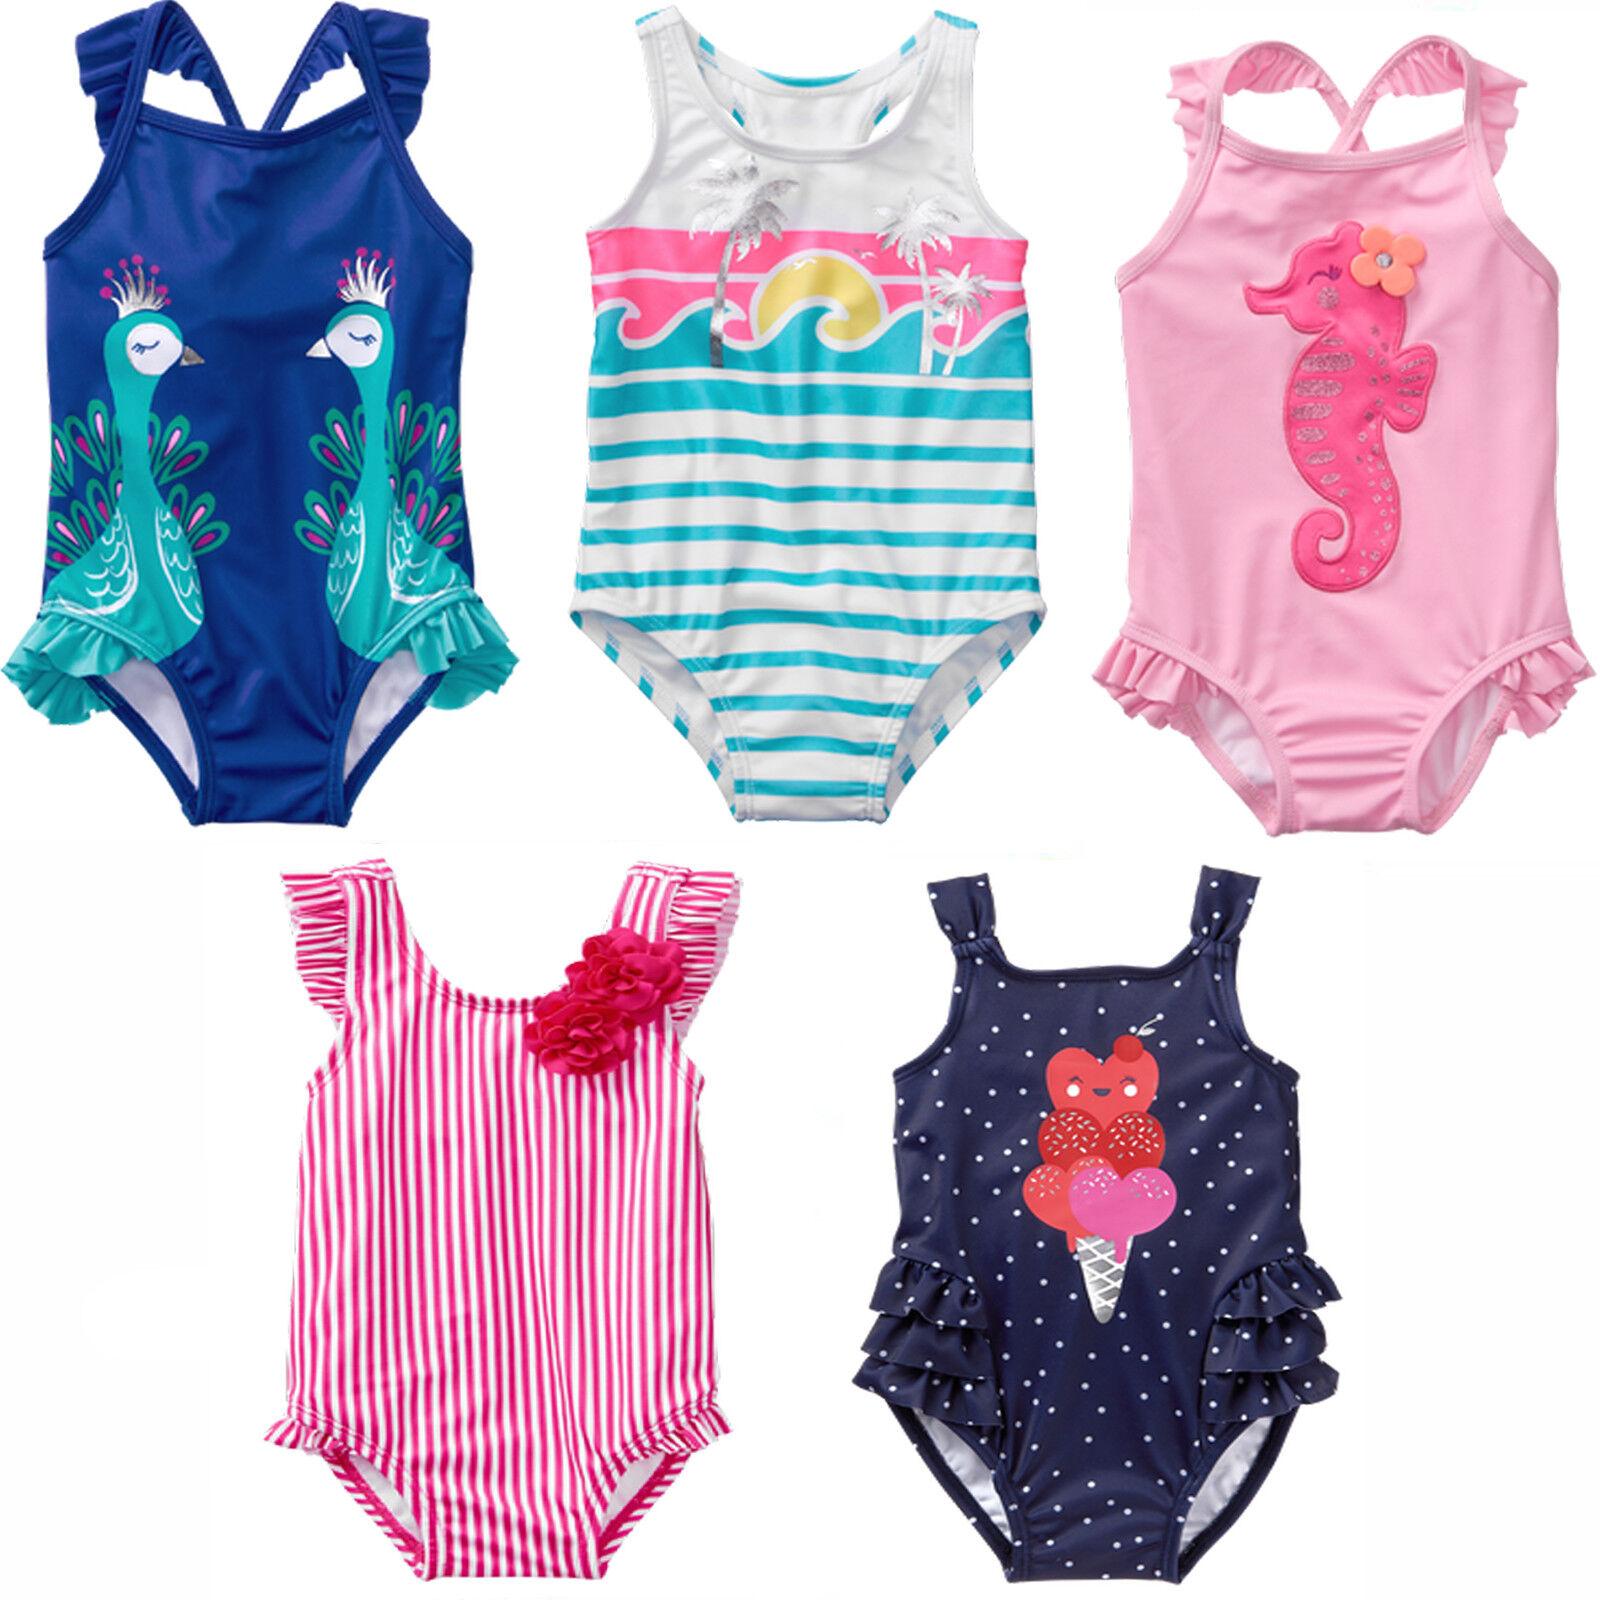 Gymboree 2pc Rashguard UPF 50 Swimsuit NWT 18 24 2T 3T 4T Retail Store Rashkini